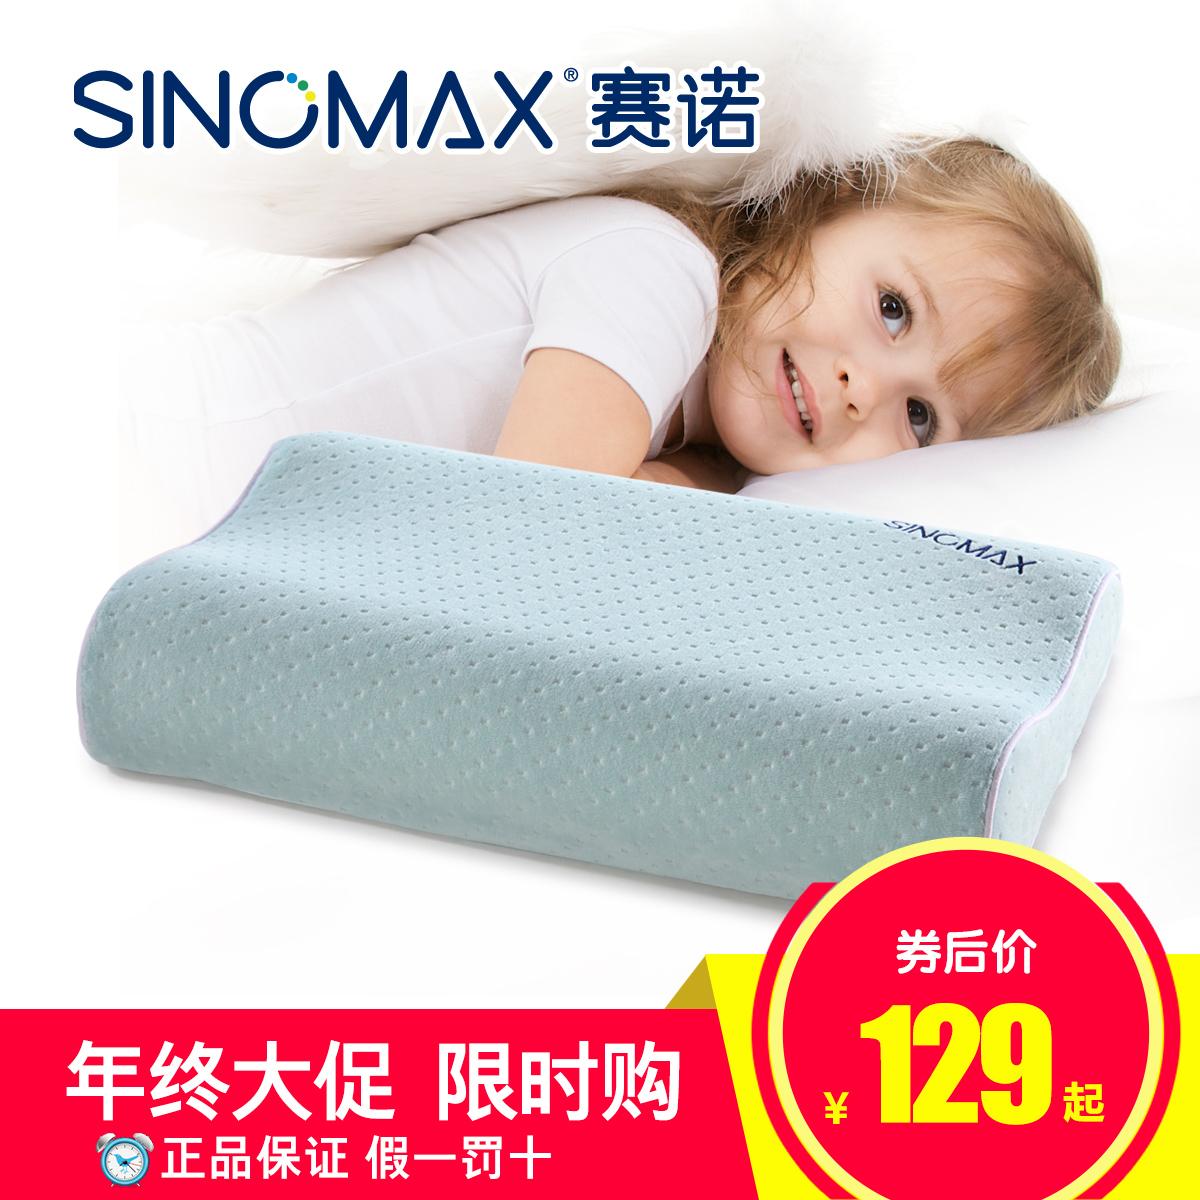 Sinomax матч обещание ребенок подушка подушка памяти глава 3-6-10 лет студент подушка шейного позвонка шея подушка противоклещевой подлинный